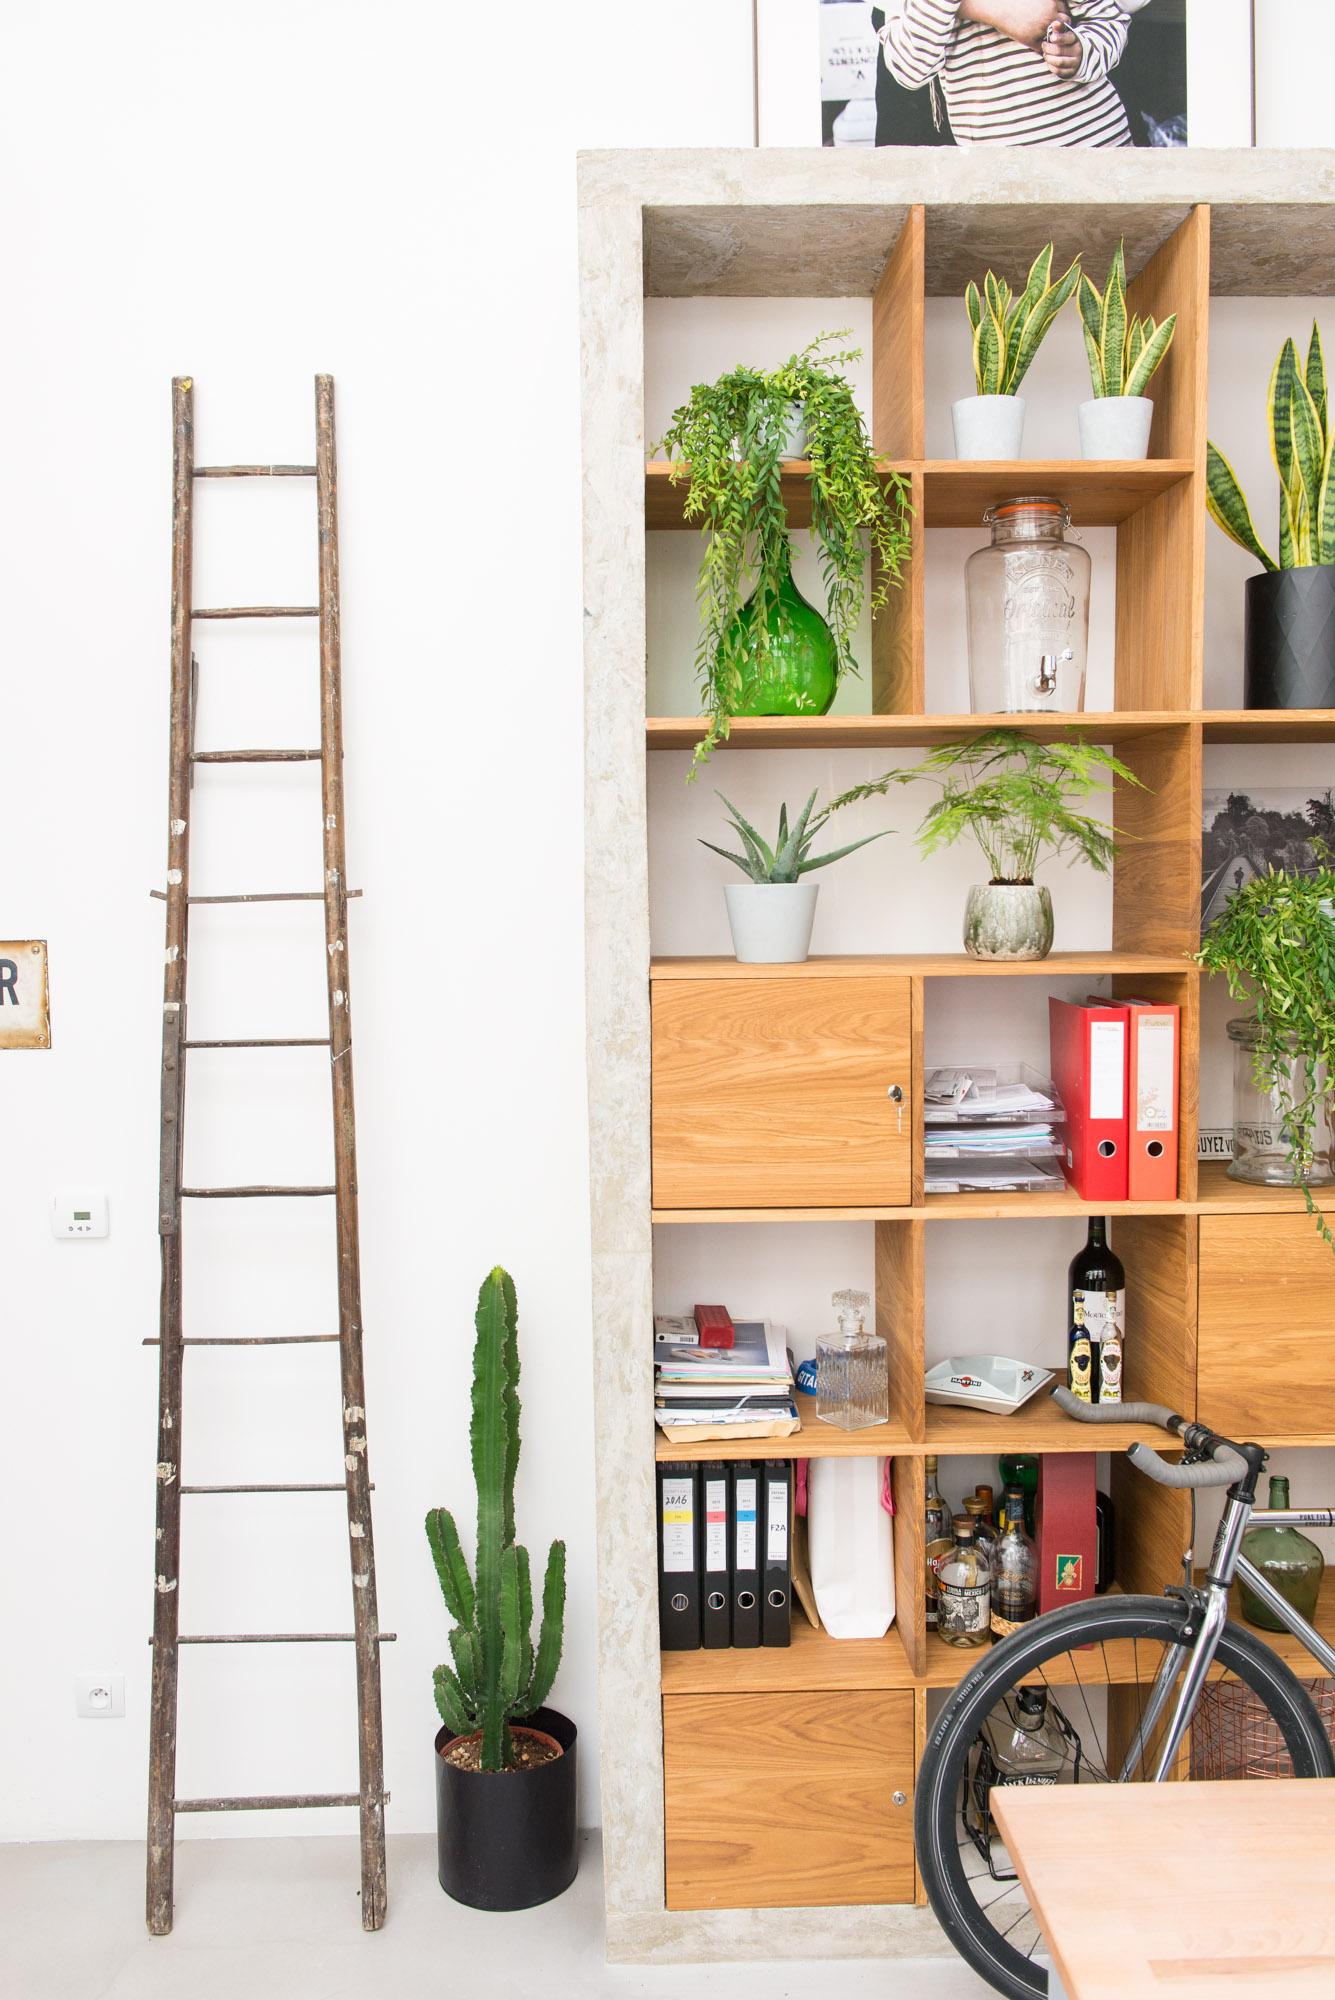 bureau bienfaits plantes végétalisation bureaux décoration végétale d'intérieur